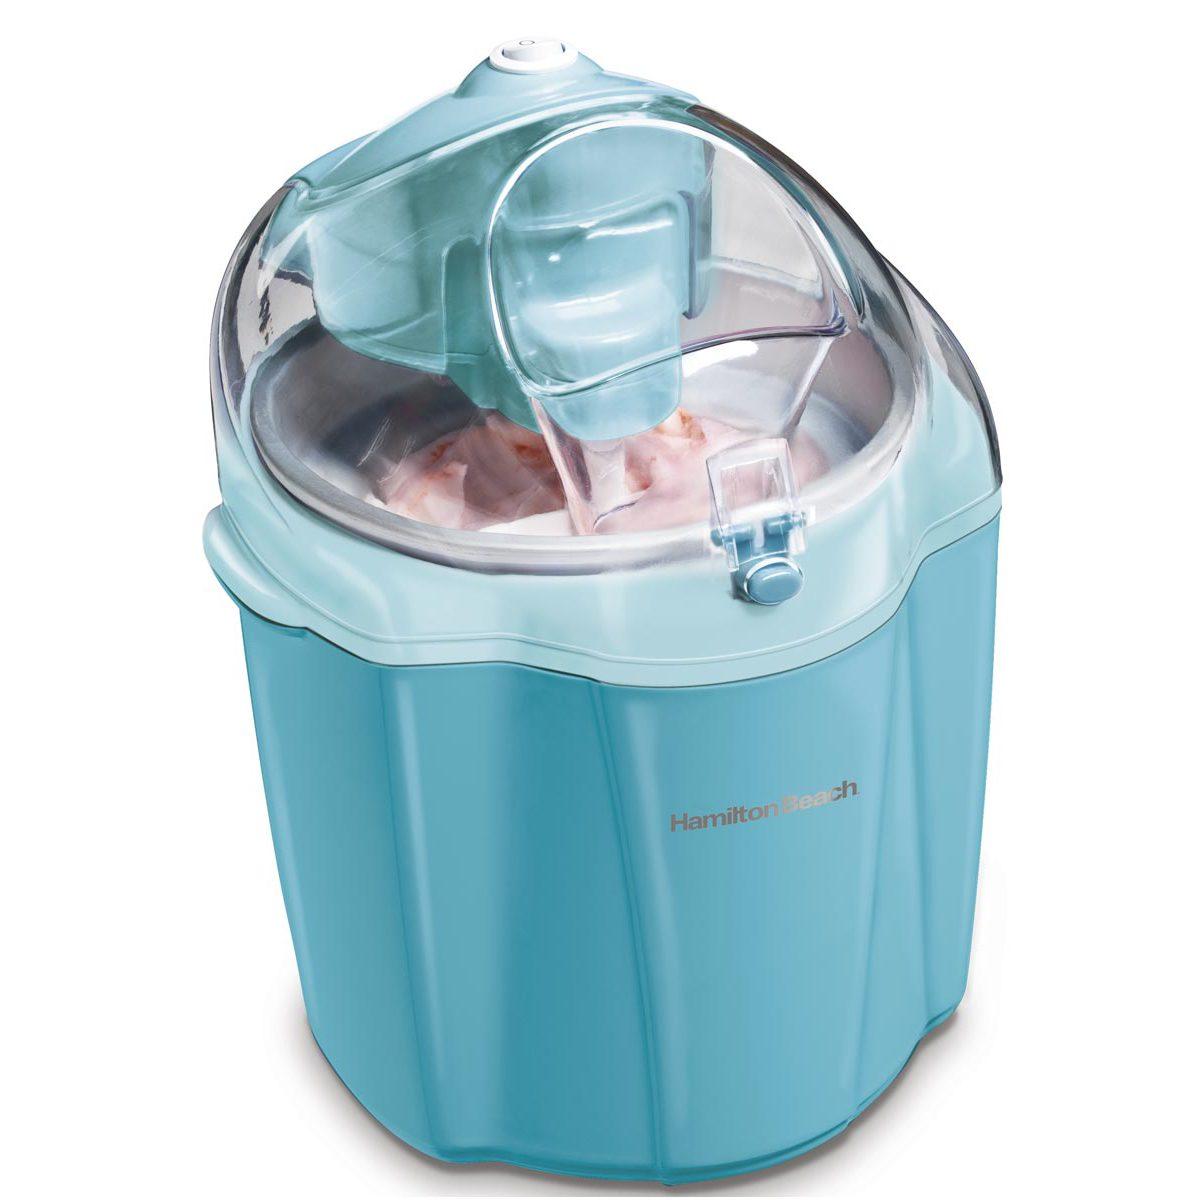 1.5 Quart Capacity Ice Cream Maker (68322)